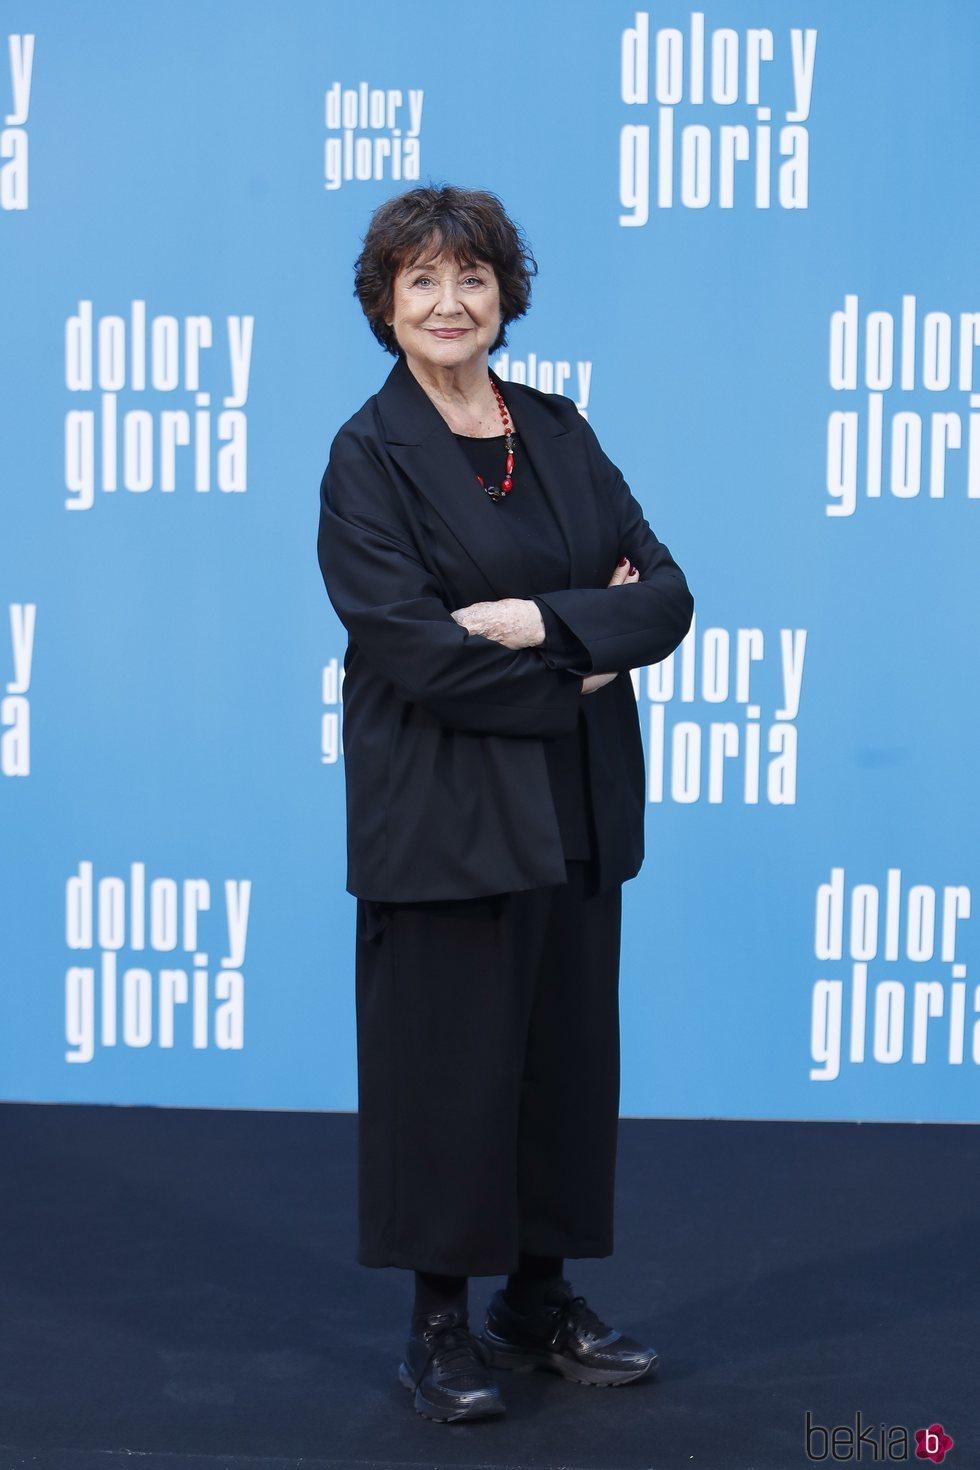 Julieta Serrano en la presentación de 'Dolor y gloria'